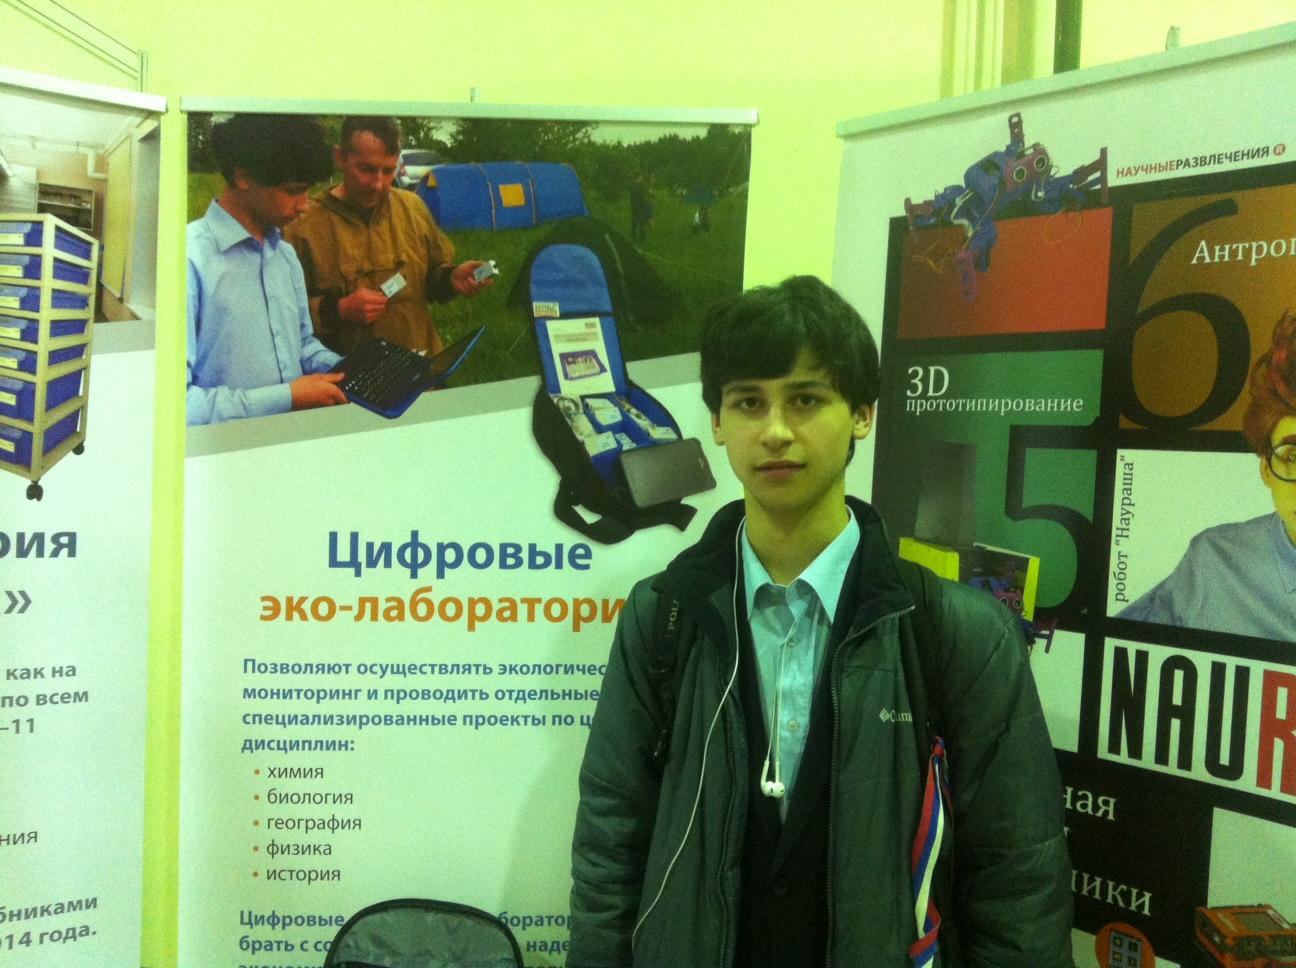 Никита Самойлов около плаката, на котором фото нашей школьной экологической экспедиции 2014 года